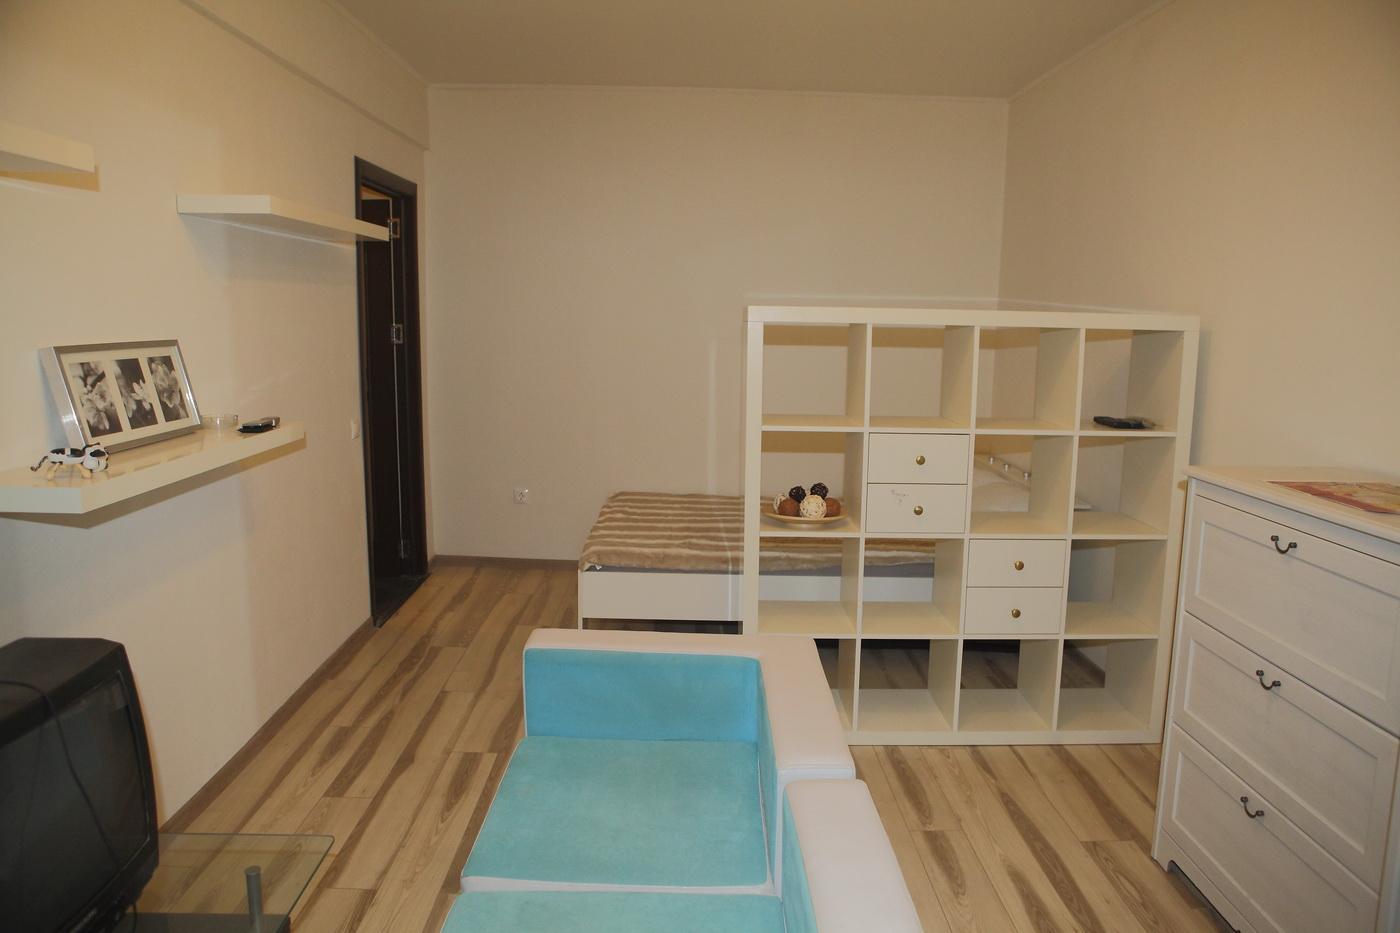 Квартира, 2 комнаты, 45 м² в Москве 89263203260 купить 6